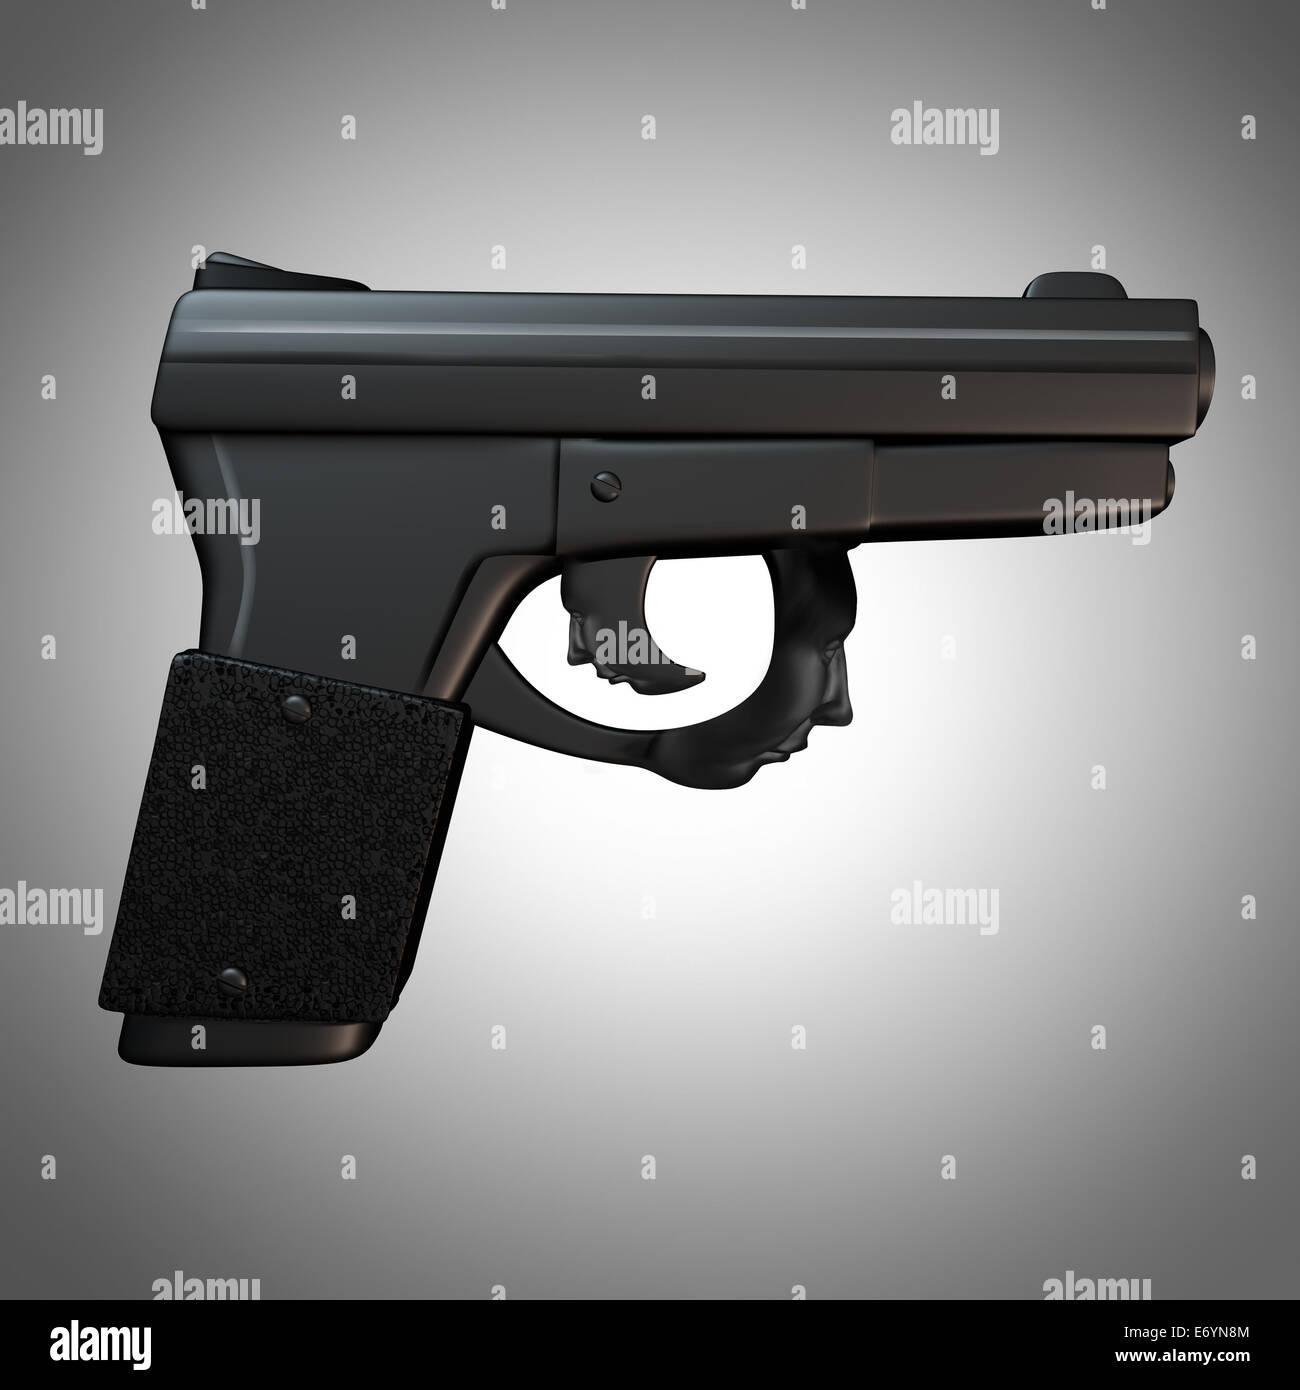 Problemi di pistola e fucile leggi nozione come un generico tridimensionali di pistola con il grilletto a forma Immagini Stock